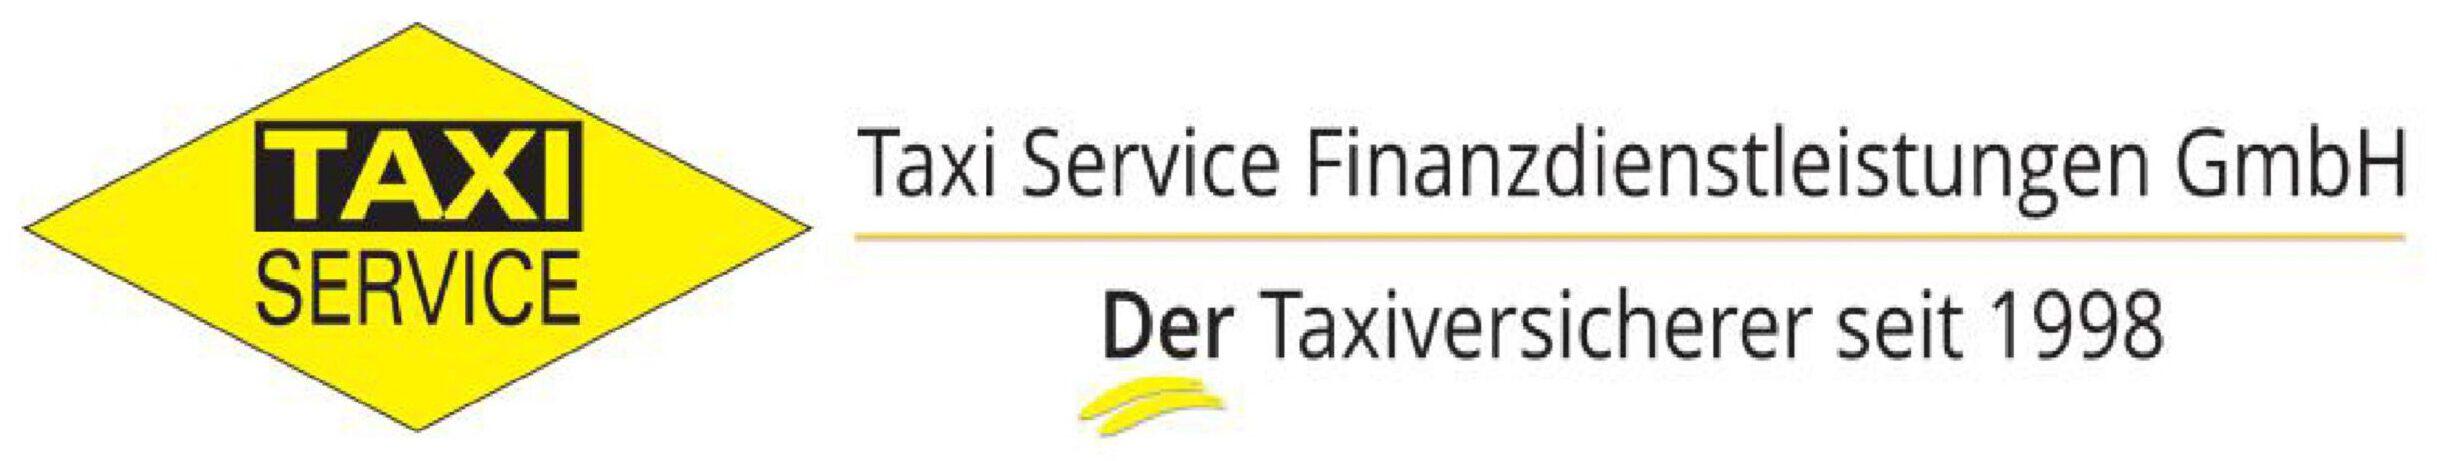 TSF Taxi Service Finanzdienstleistungen GmbH